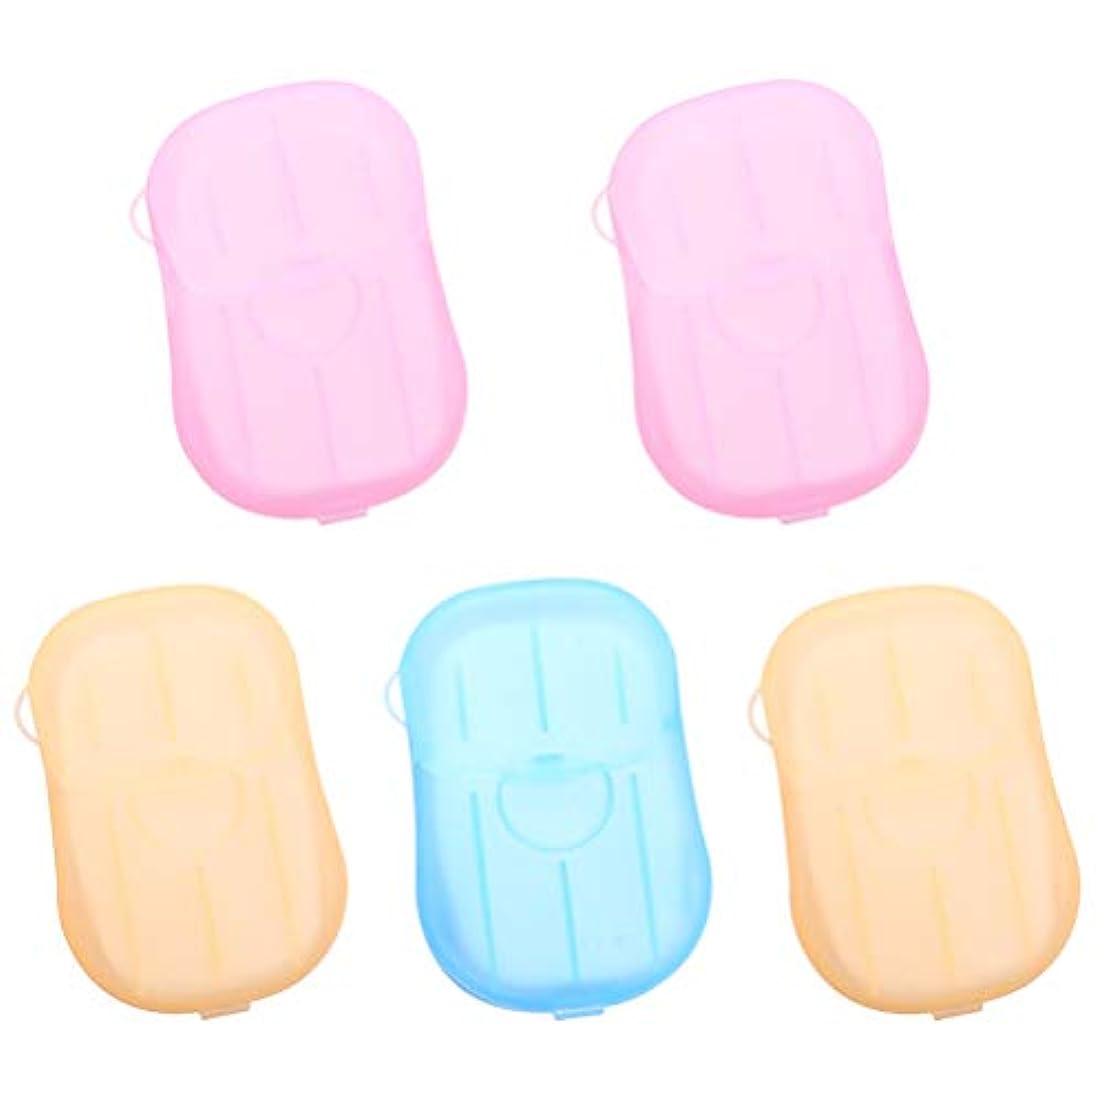 ベーカリー絶壁スキッパーHealifty 5pcs乾燥石鹸は、発泡ボックスの紙の石鹸のフレークを洗うハンドバス石鹸のスライドシート